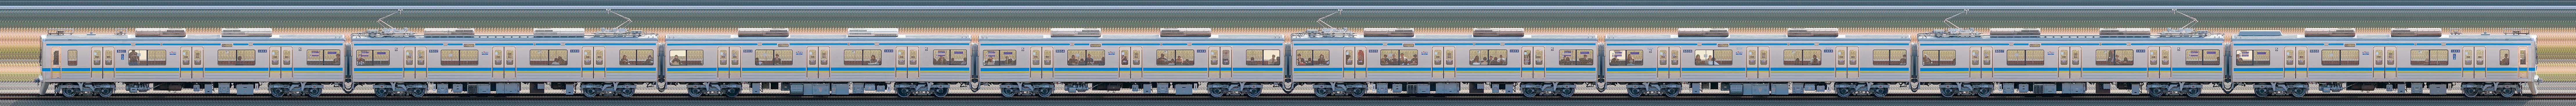 千葉ニュータウン鉄道9800形9808編成(集電装置交換後・山側)の編成サイドビュー